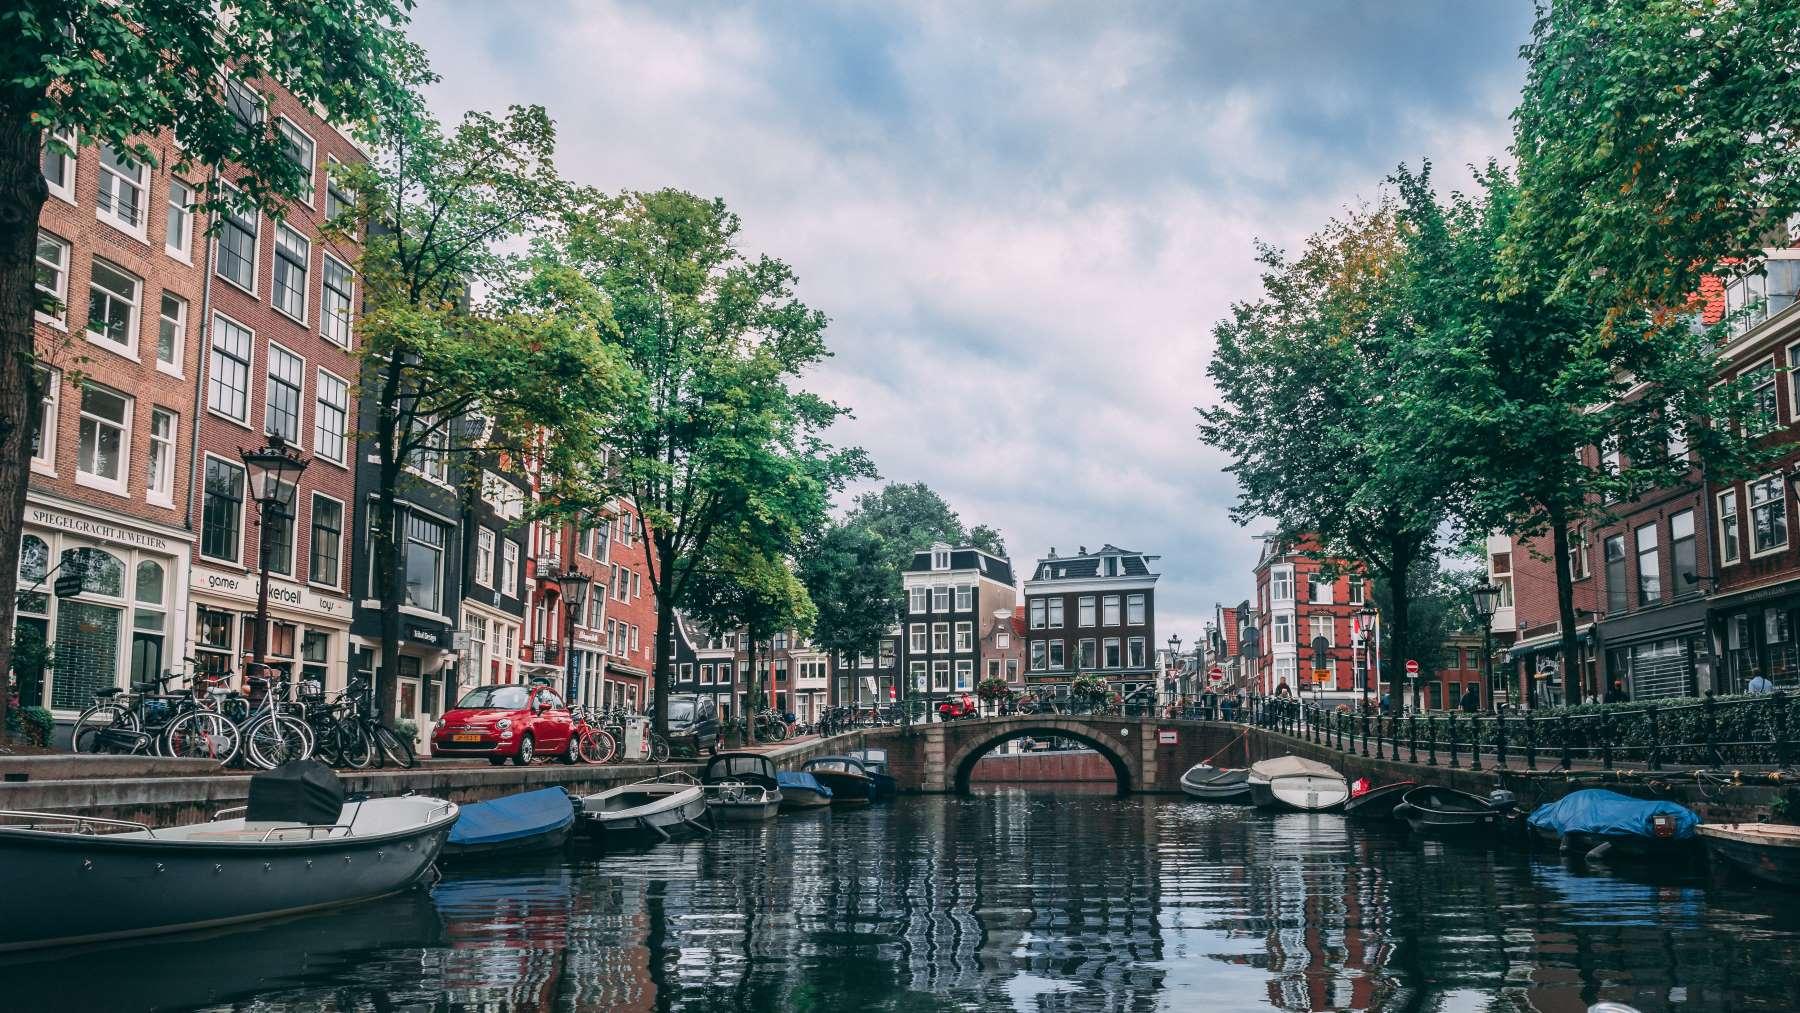 Must see seværdigheder og oplevelser i Amsterdam, Holland - Rejs Dig Lykkelig